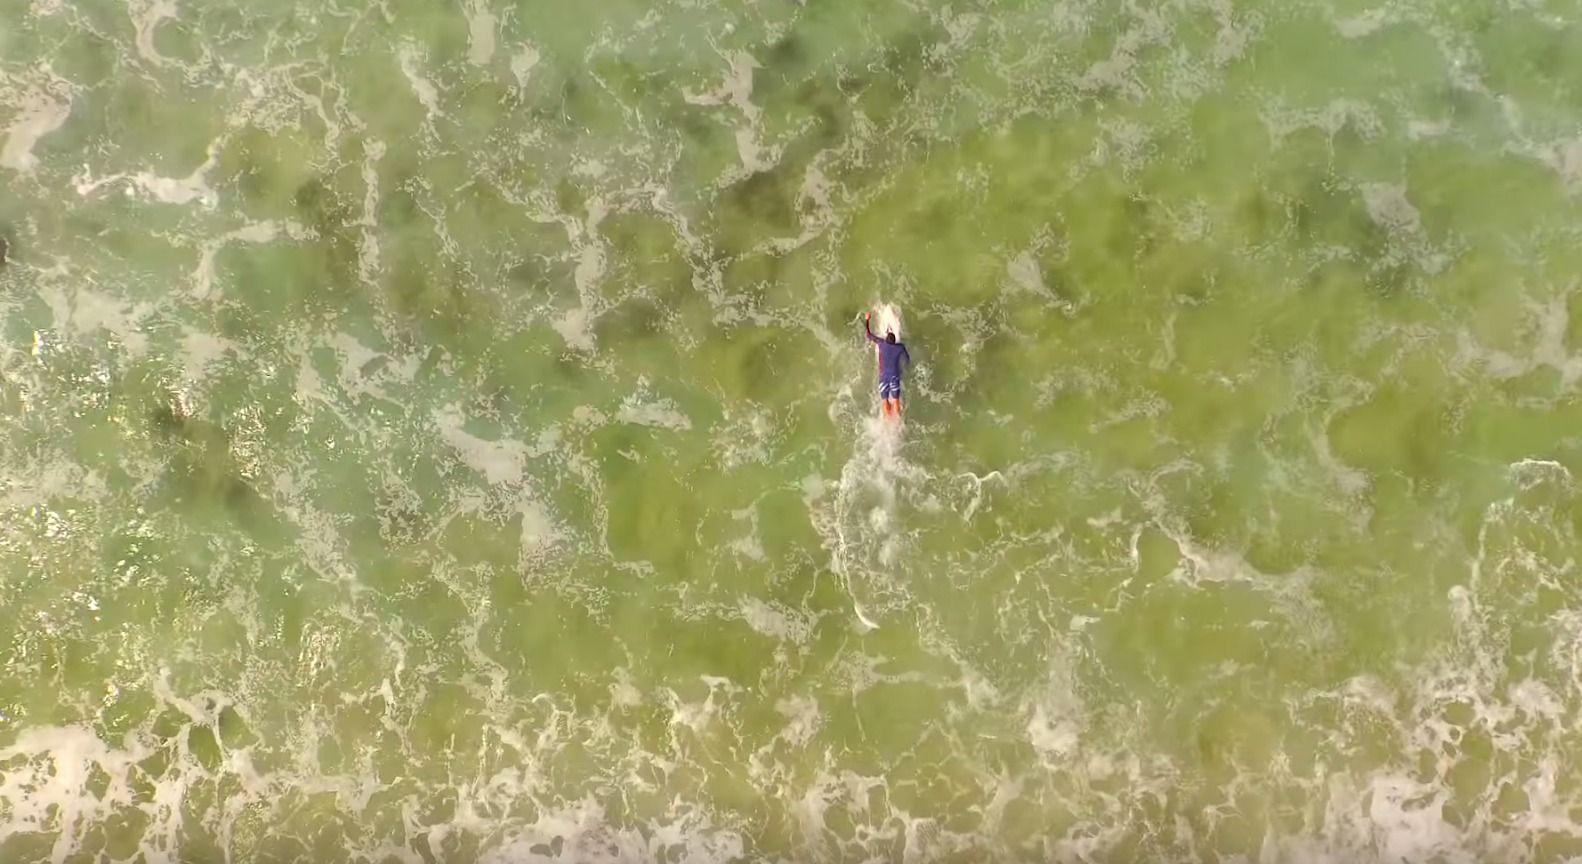 """Volcom presenta il primo episodio nella loro nuova serie """"Welcome To Water"""", uno dei migliori edit realizzati durante il prolifico inverno hawaiano. Con la presenza dei surfersKai Mana…"""